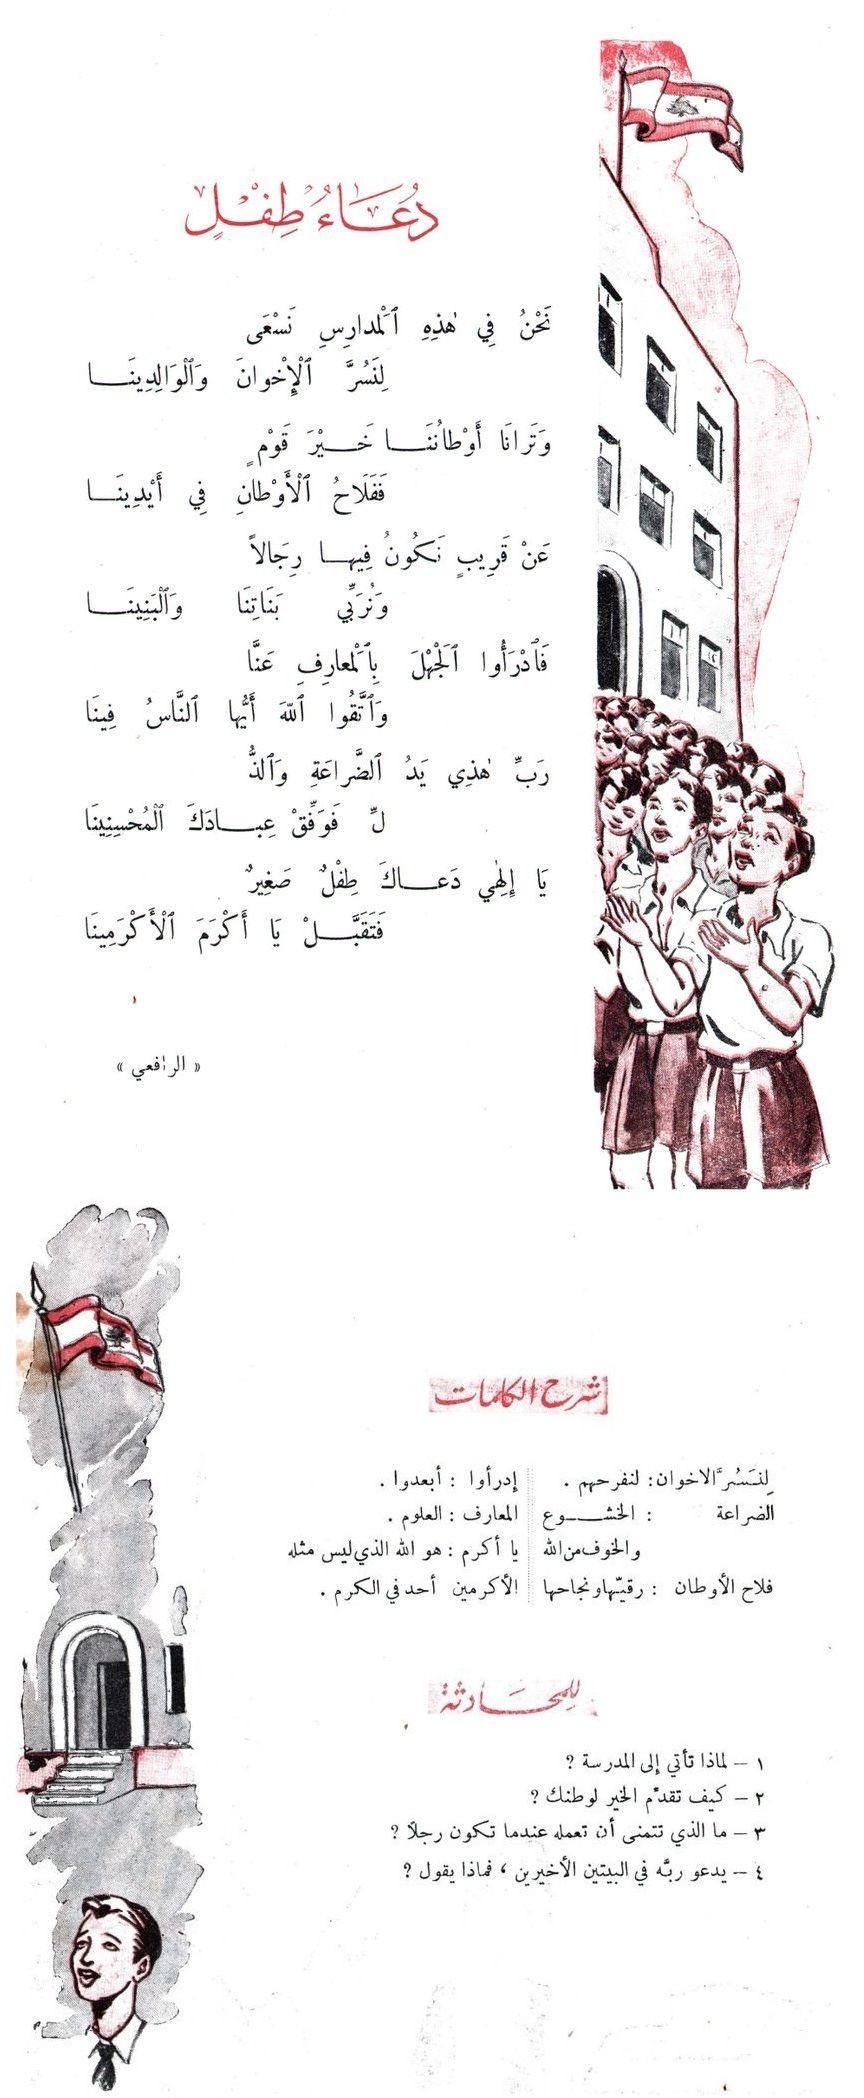 من المحفوظات المصورة شمعة تواكب الأجيال و لا تخبو Arabic Words Homeschool Words